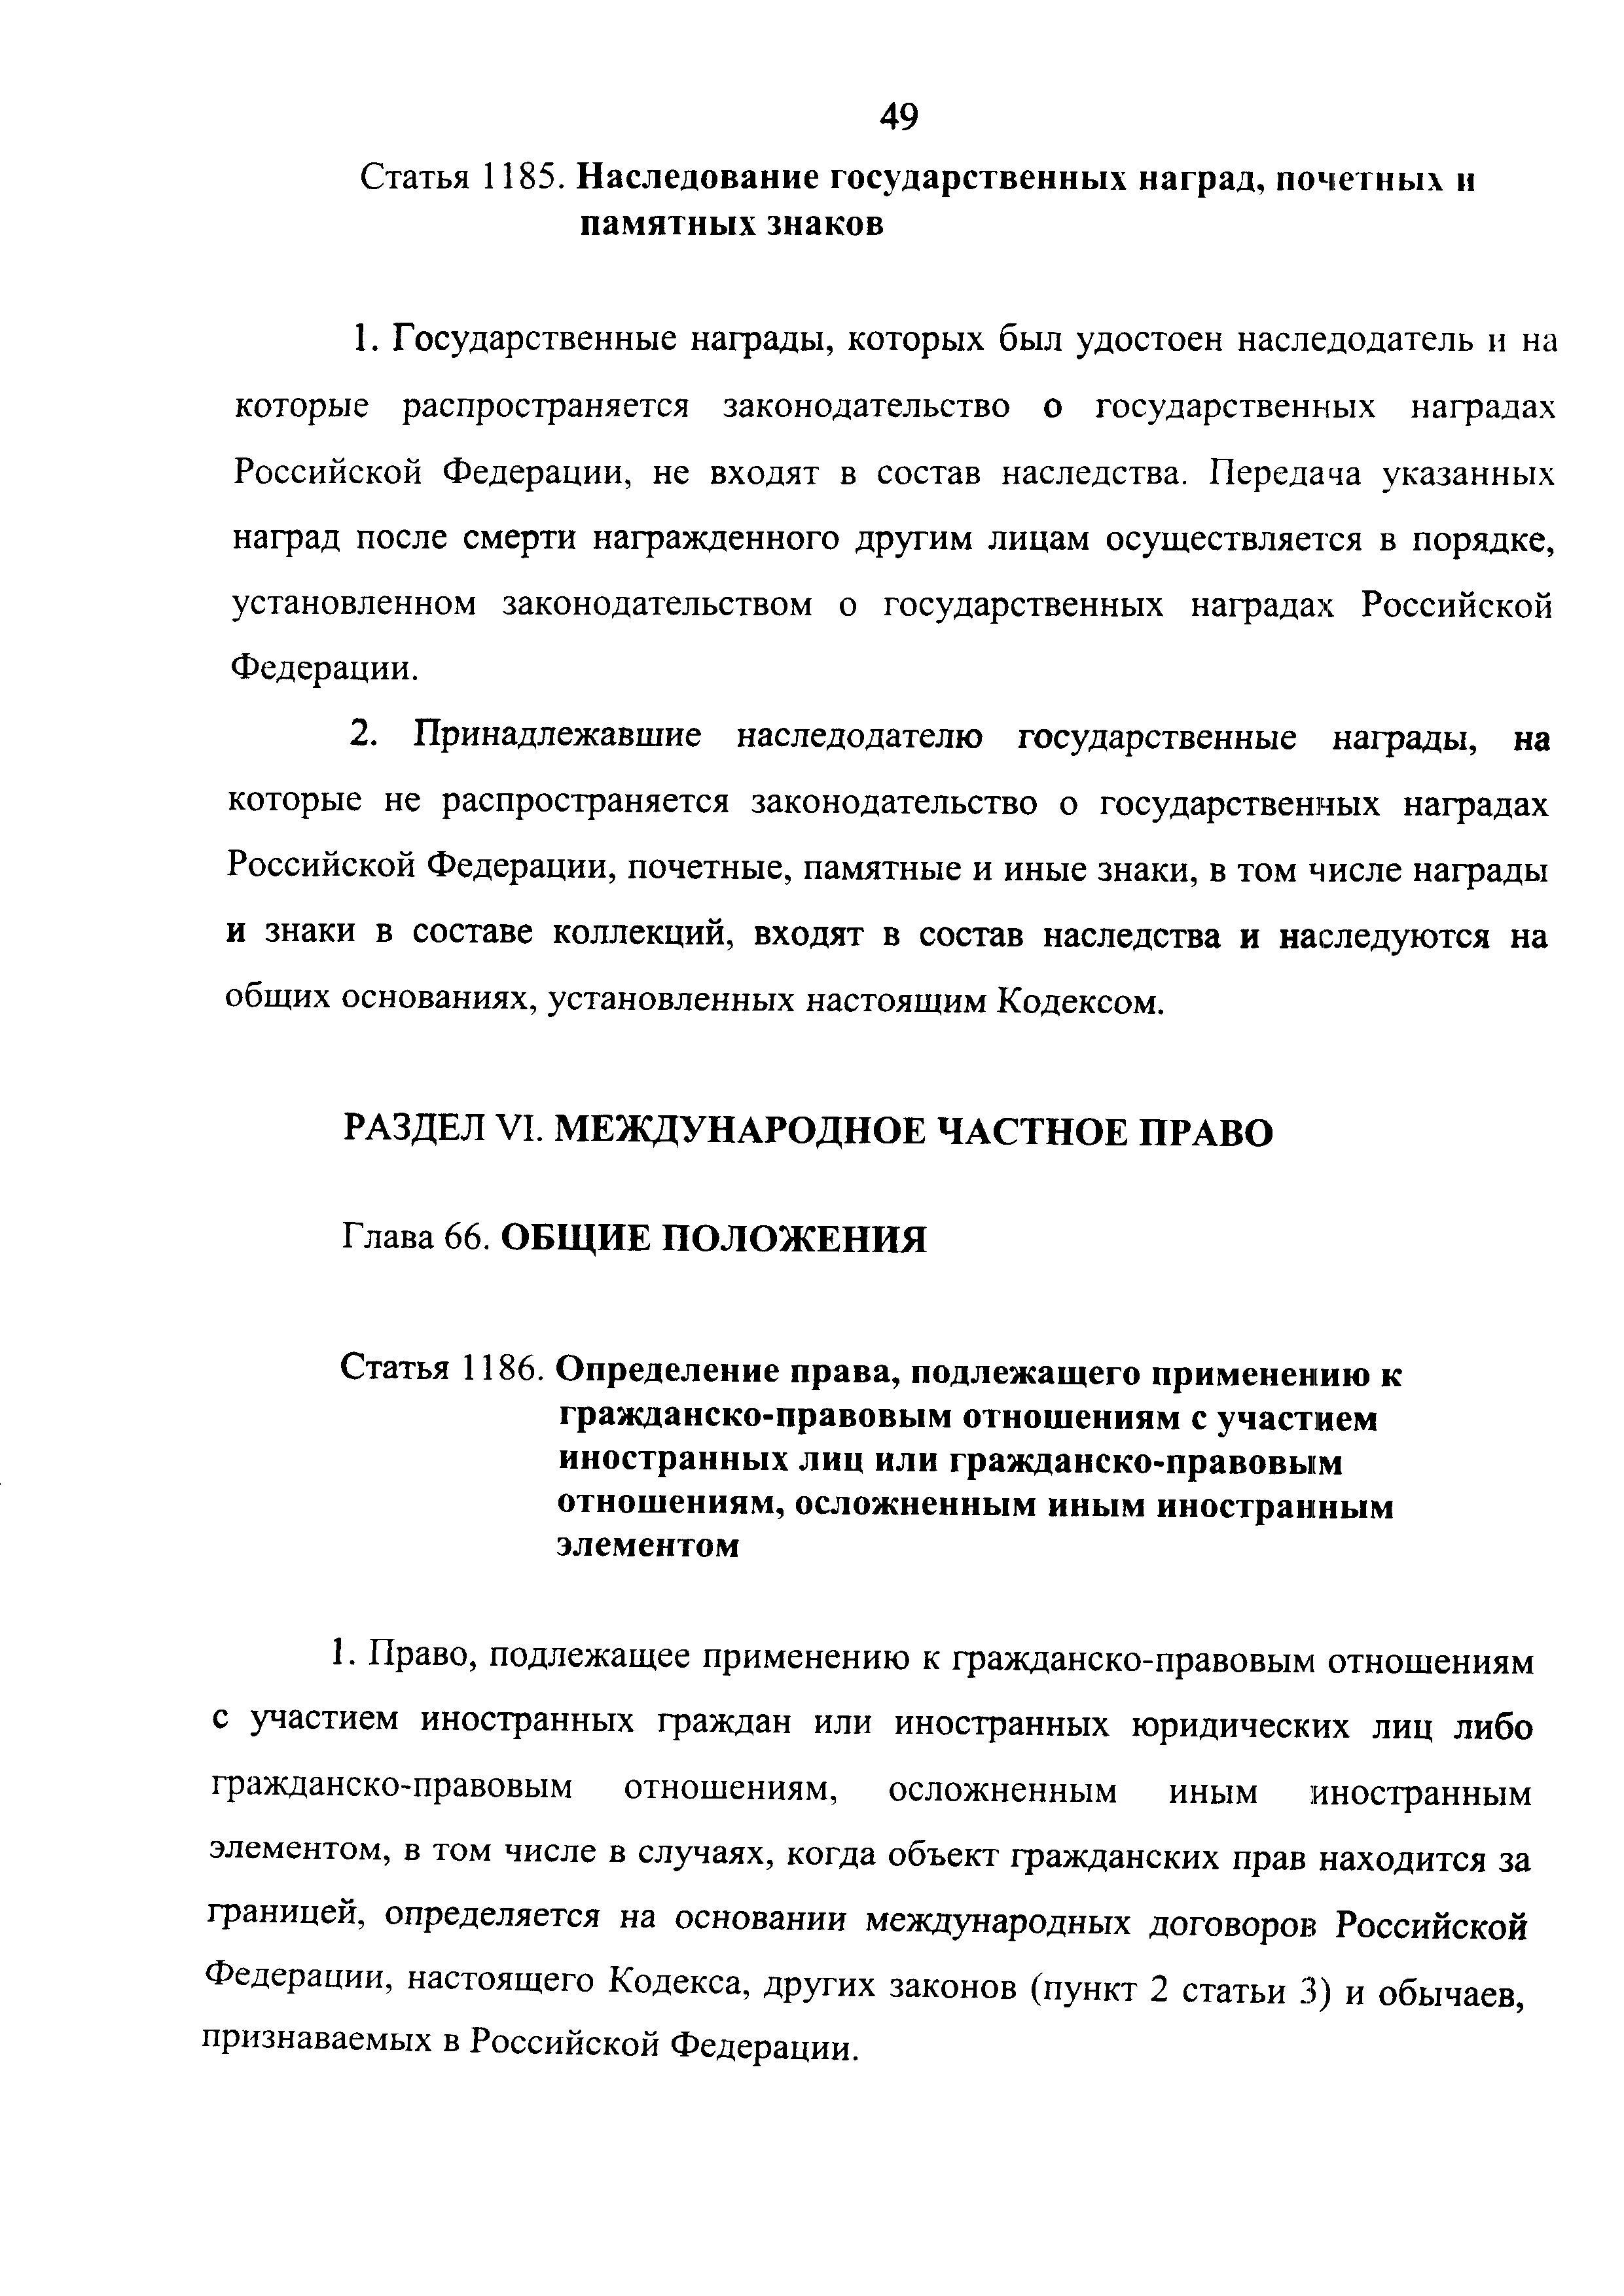 Страница Гражданский кодекс РФ, часть 3.djvu 49 — Викитека 55211c1131a